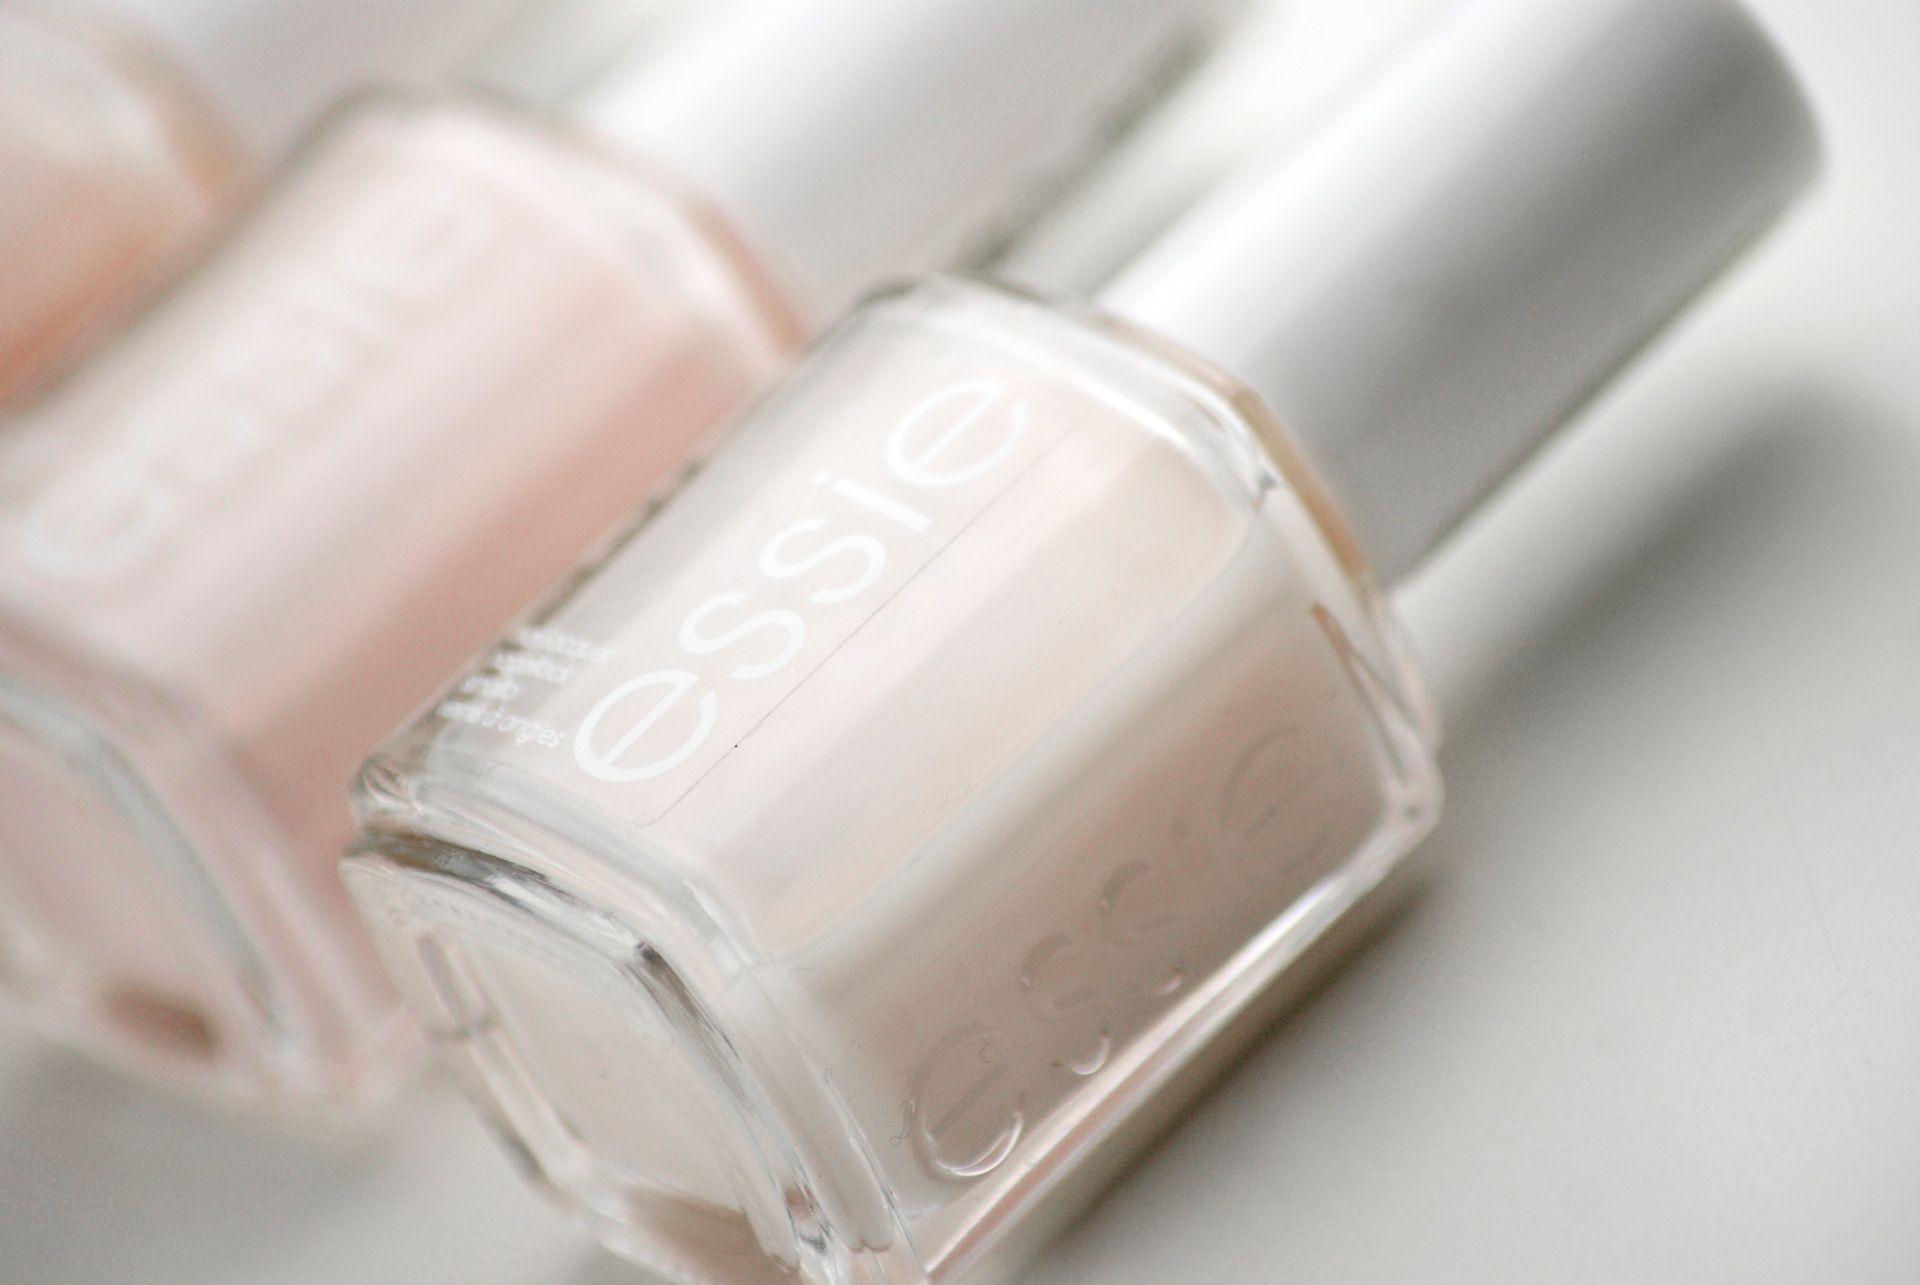 Essie Ballet Slippers - die blassrosa Kultfarbe von Essie & der ...